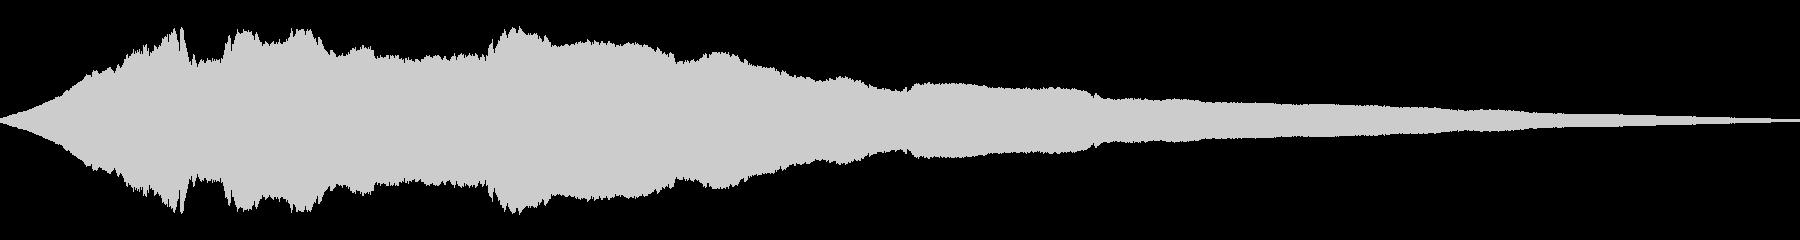 ヒューンと落下(高い所から落ちる)の未再生の波形